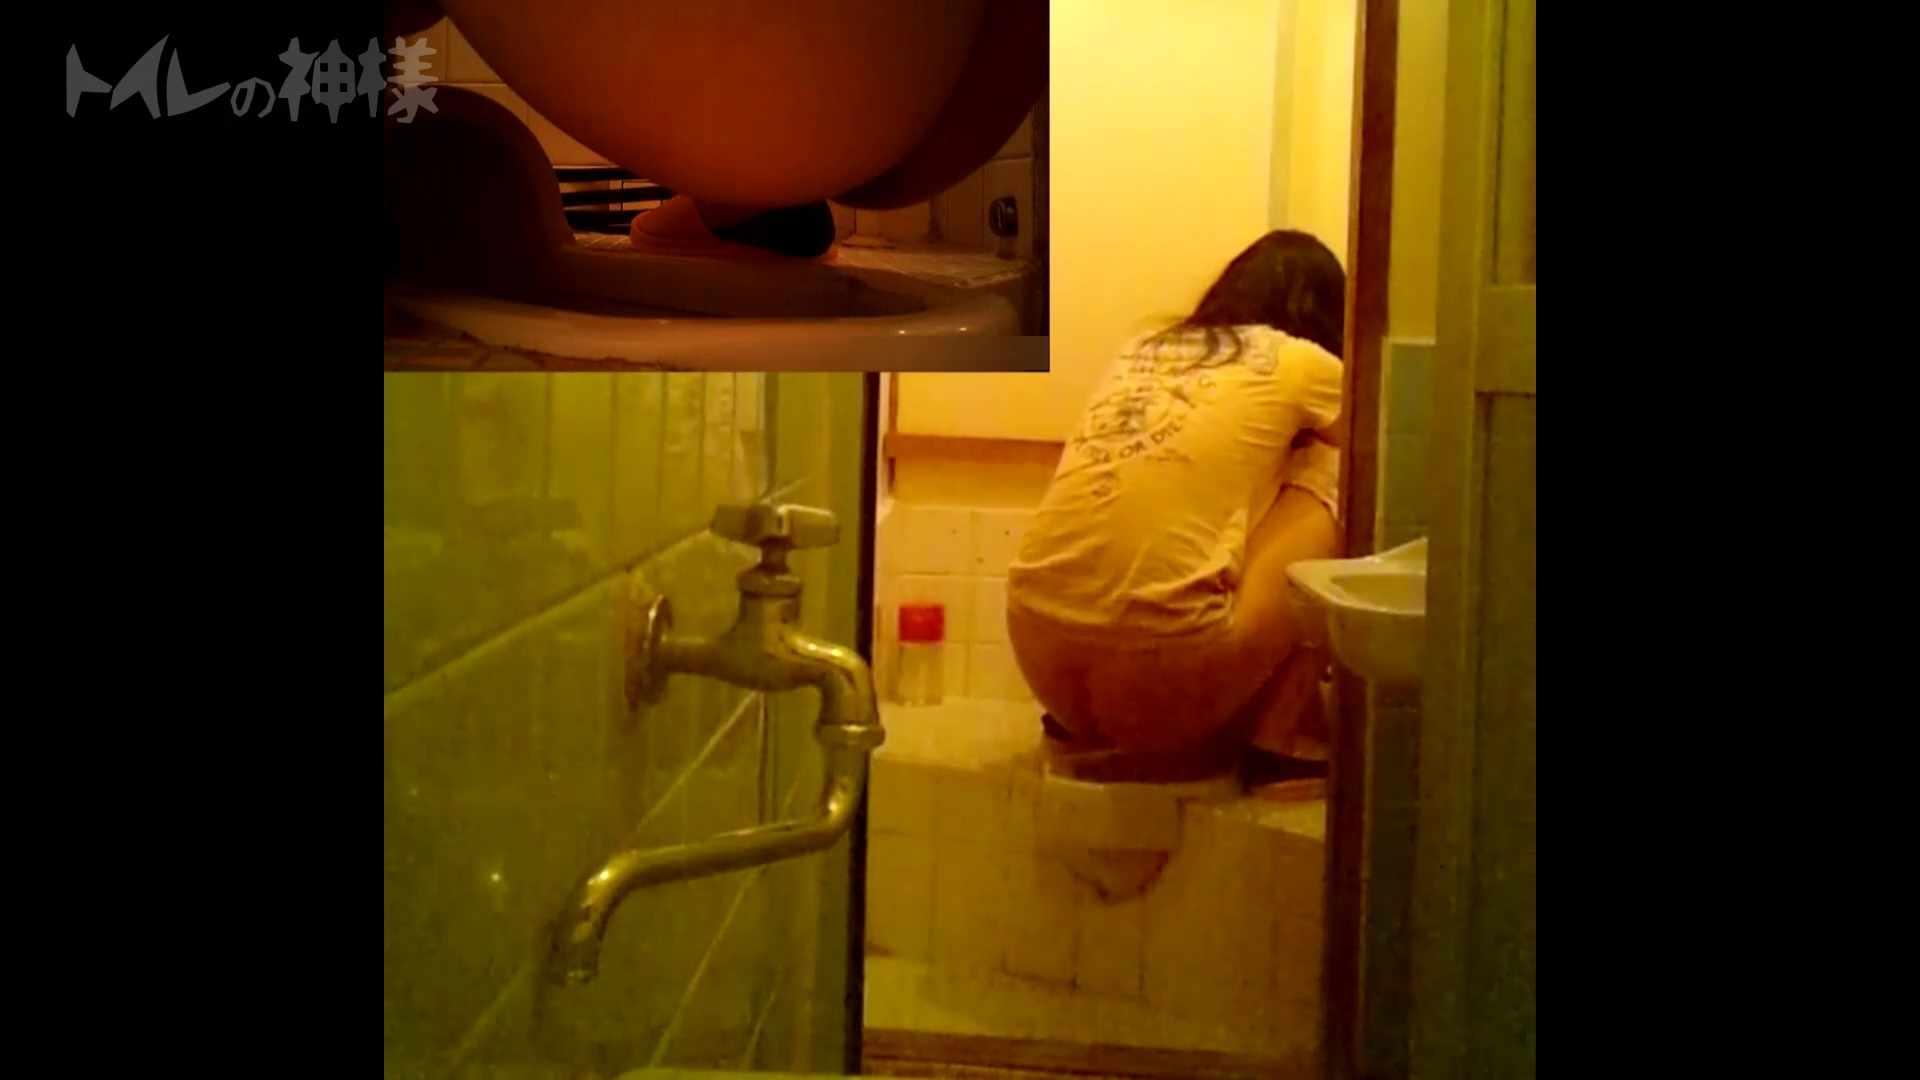 トイレの神様 Vol.08 プリントしたお・し・り OLのボディ  98PIX 86